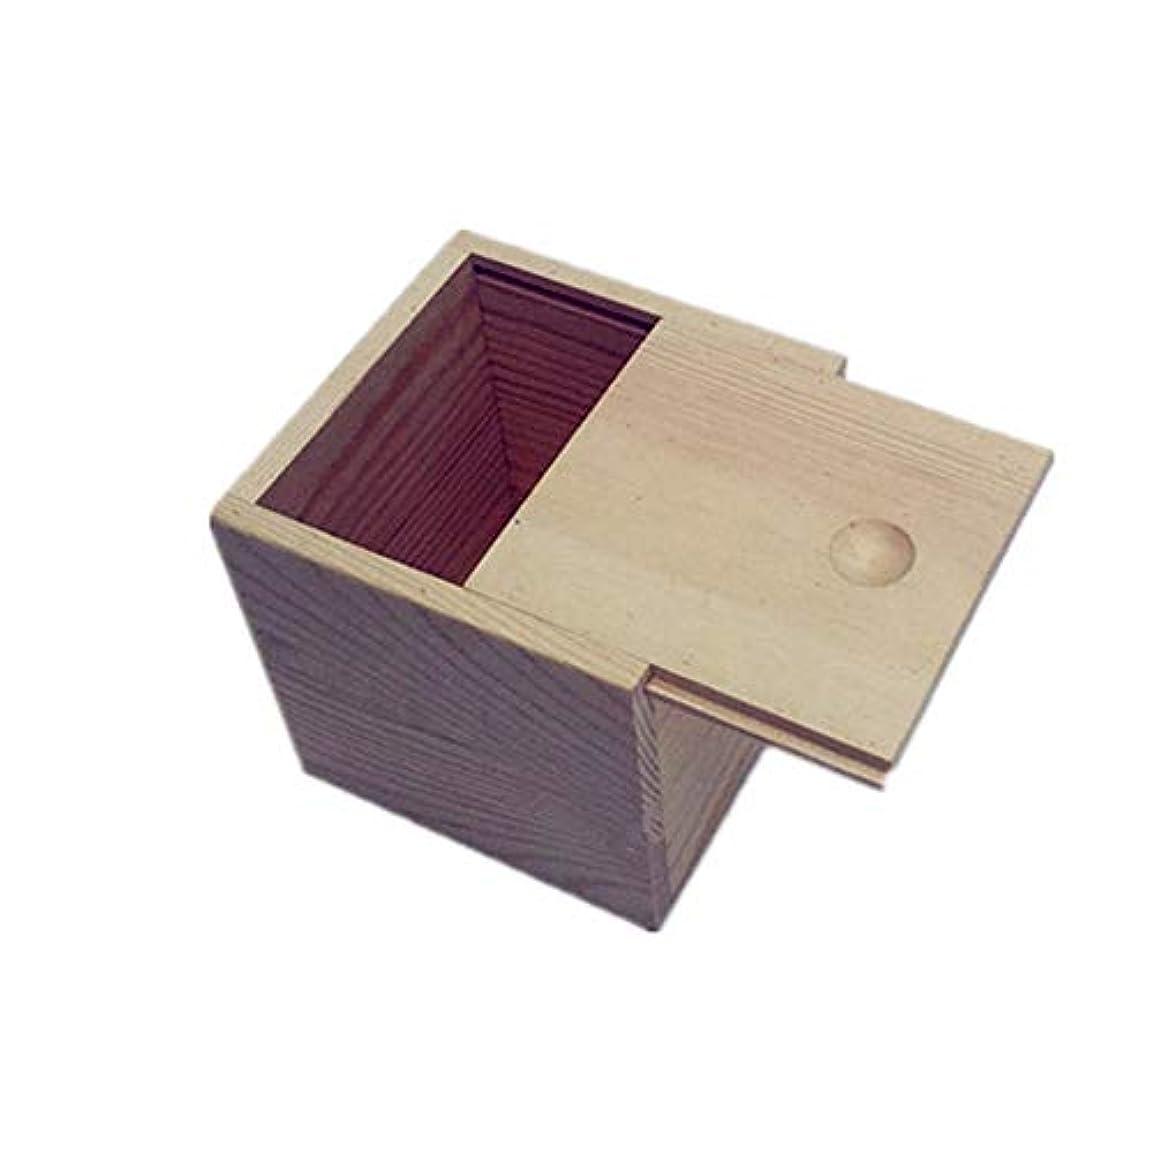 仲間、同僚予約偽造精油ケース 木製のエッセンシャルオイルストレージボックス安全なスペースセーバーあなたの油を維持するためのベスト 携帯便利 (色 : Natural, サイズ : 9X9X5CM)